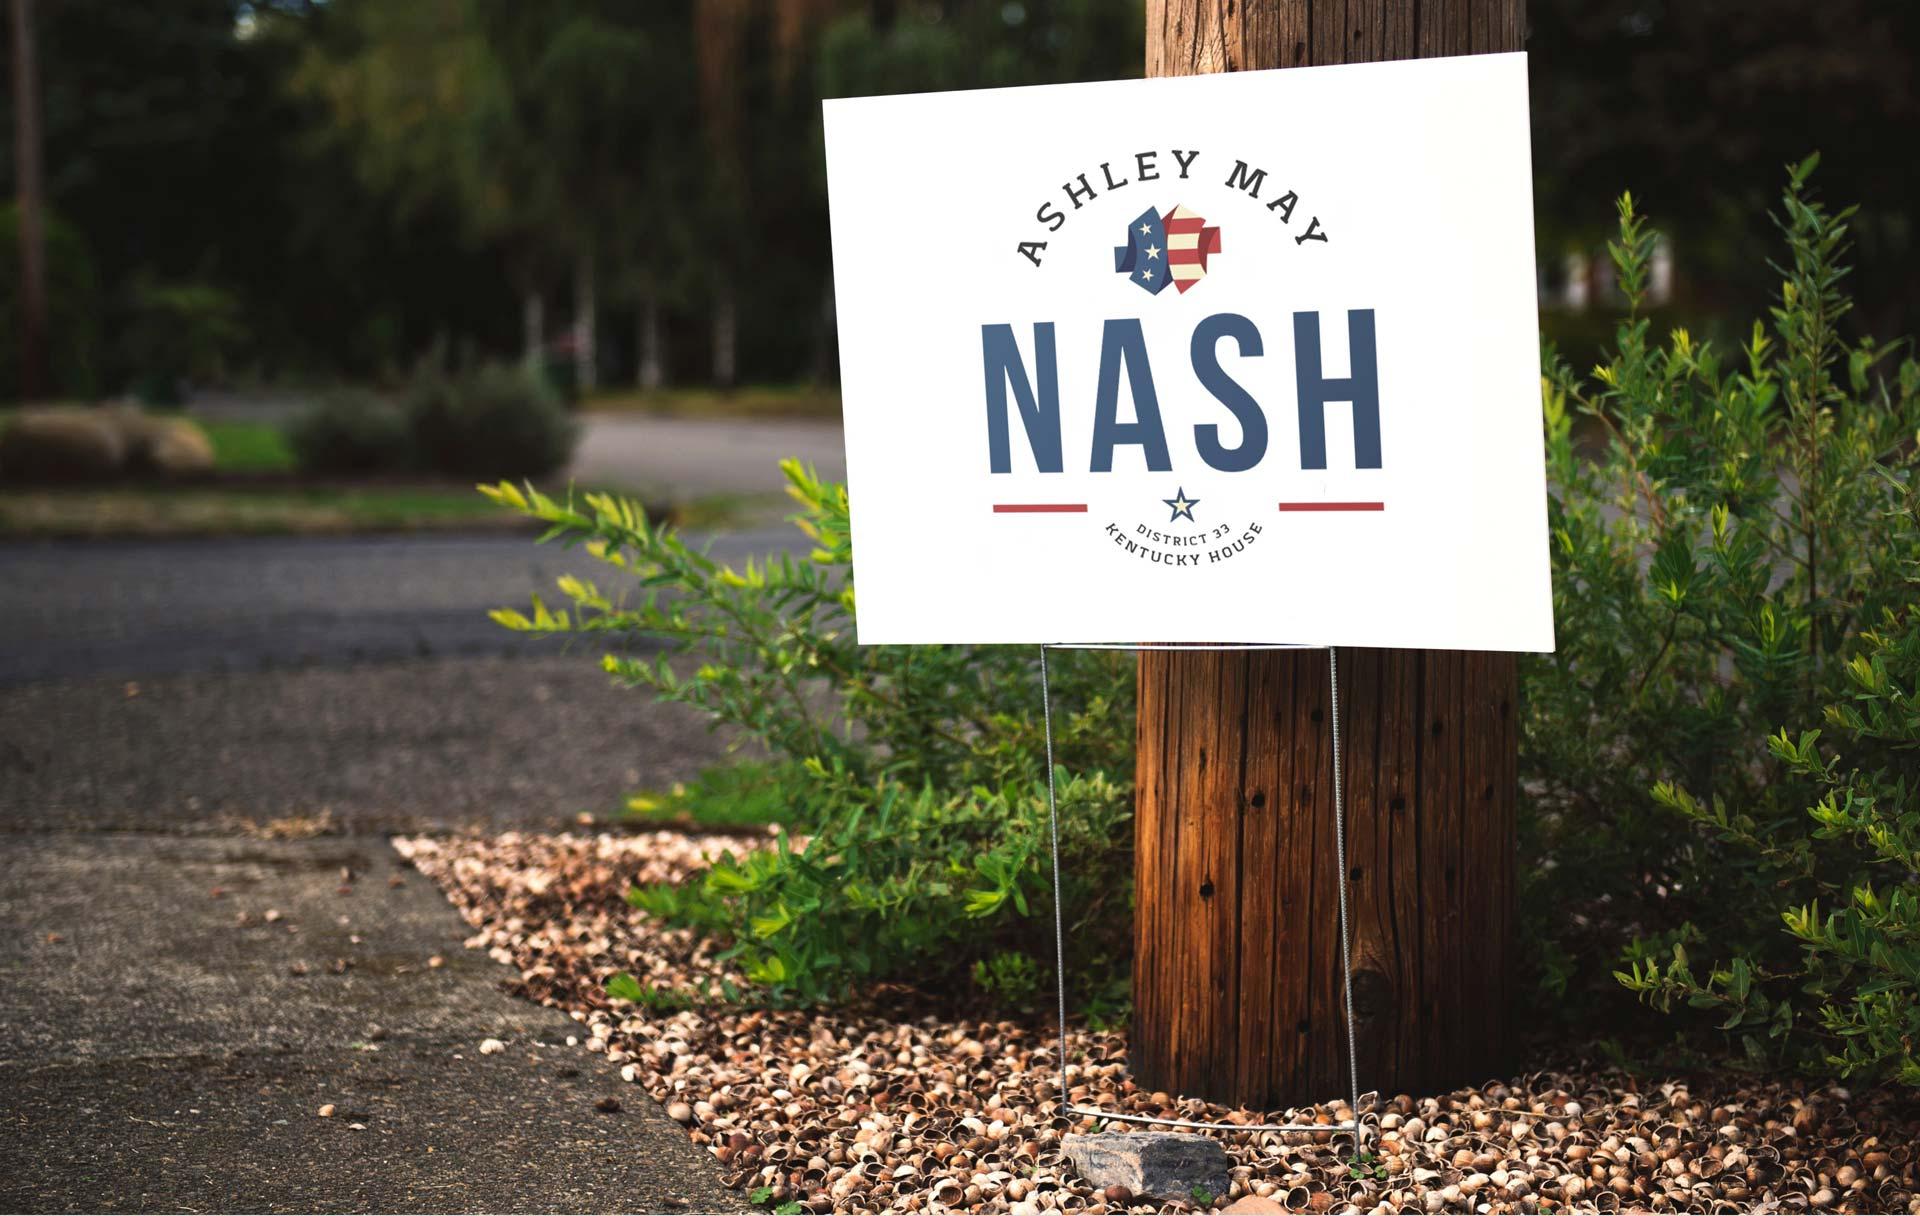 Ashley May Nash Sign Concept